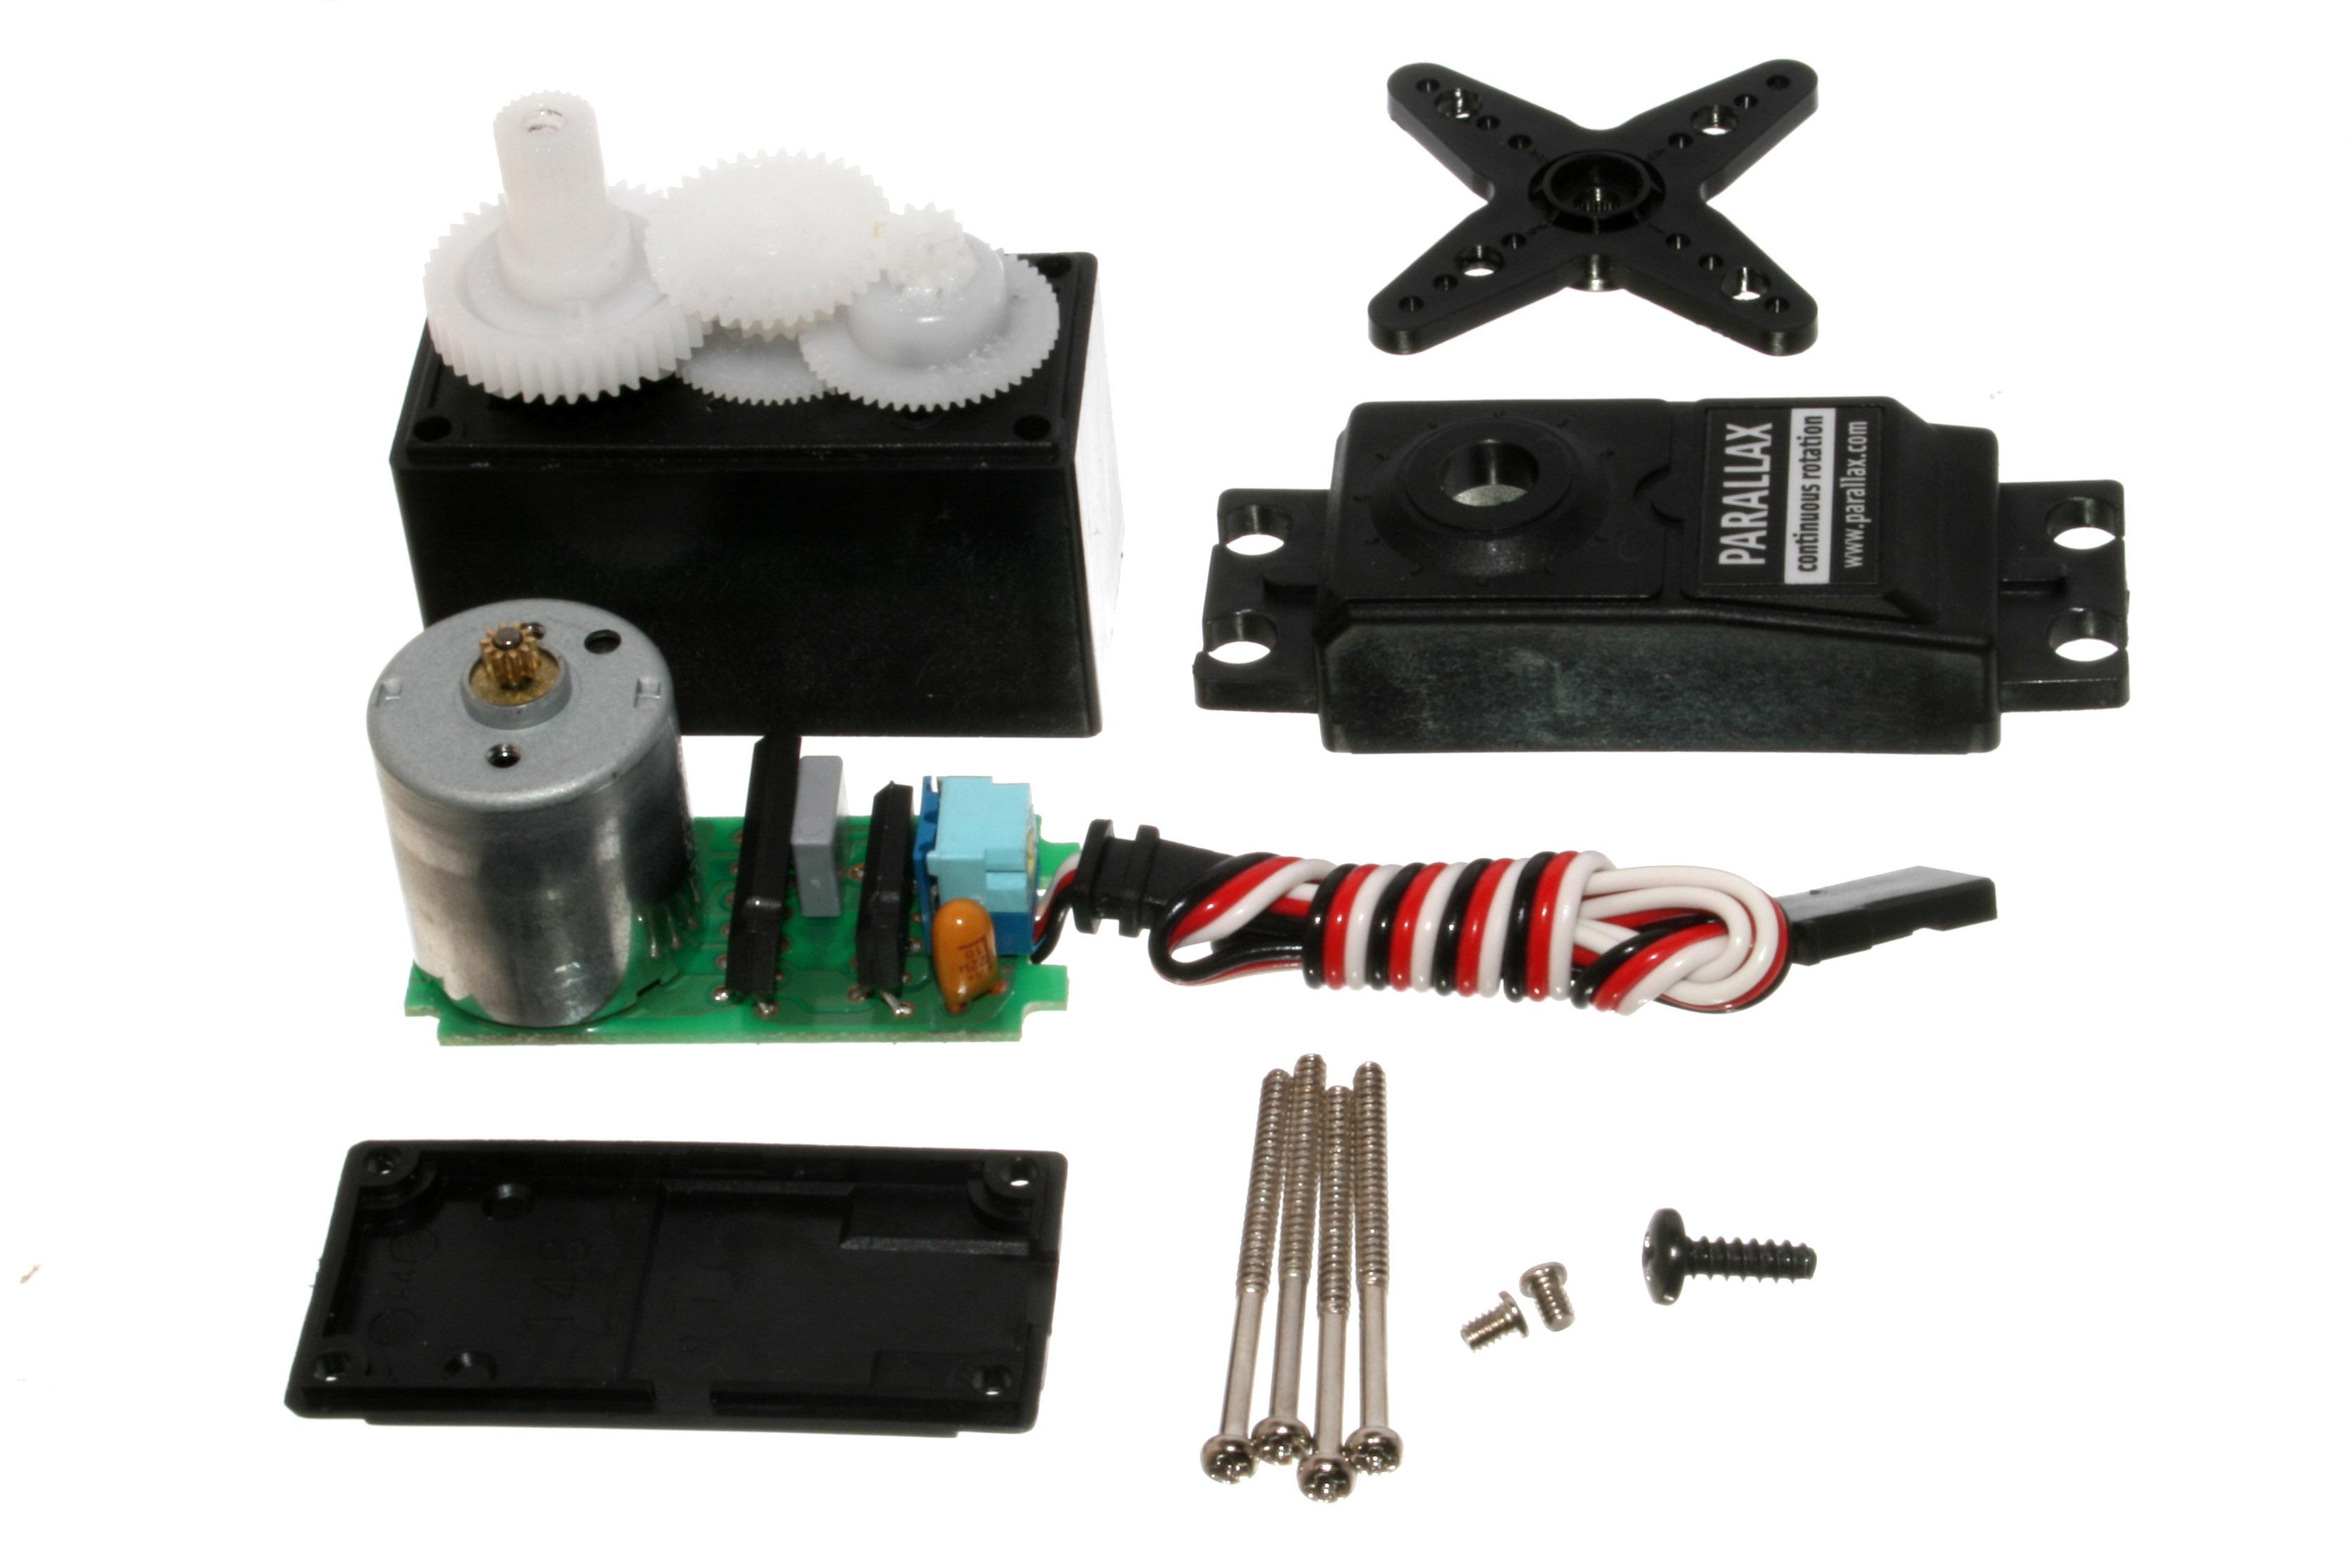 Micro Radio Controlled Cars Uk